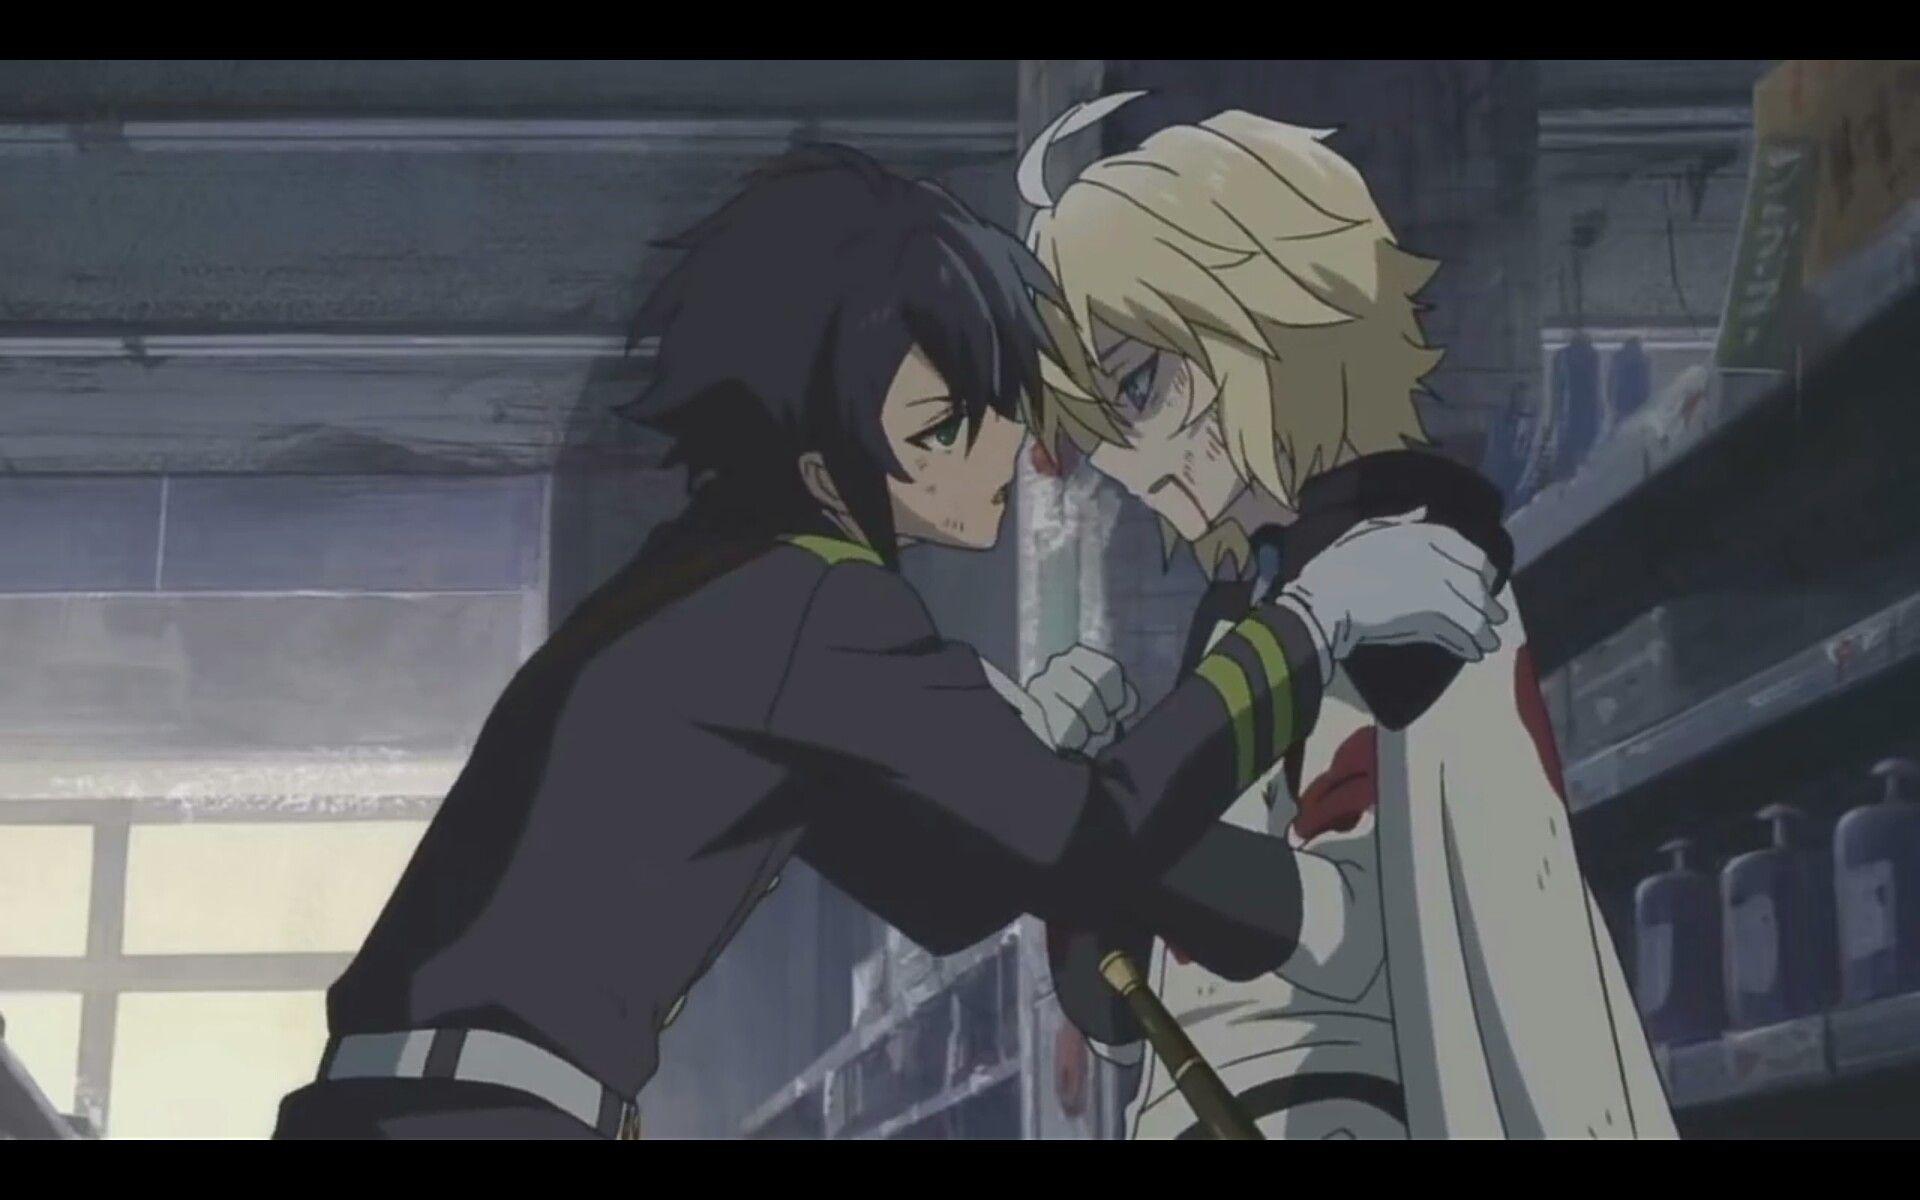 ضرورب مهم Anime, Owari no seraph, Anime boyfriend